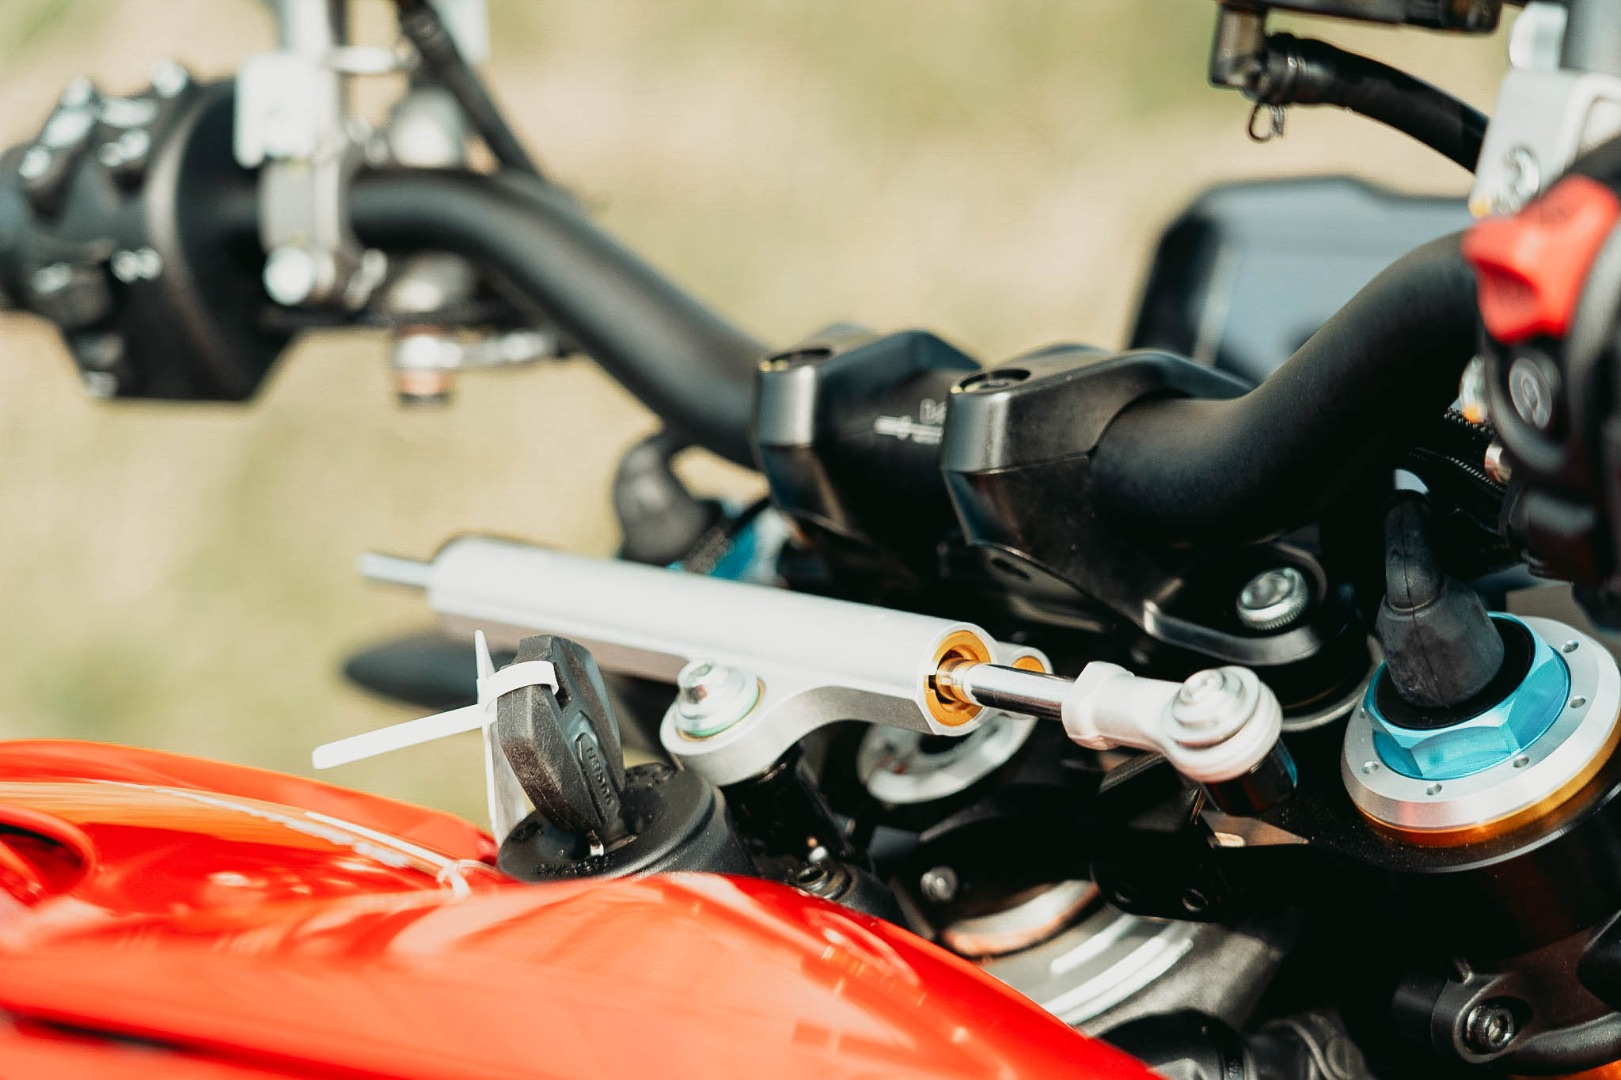 Toma de contacto Ducati Streetfighter V4 S 2020